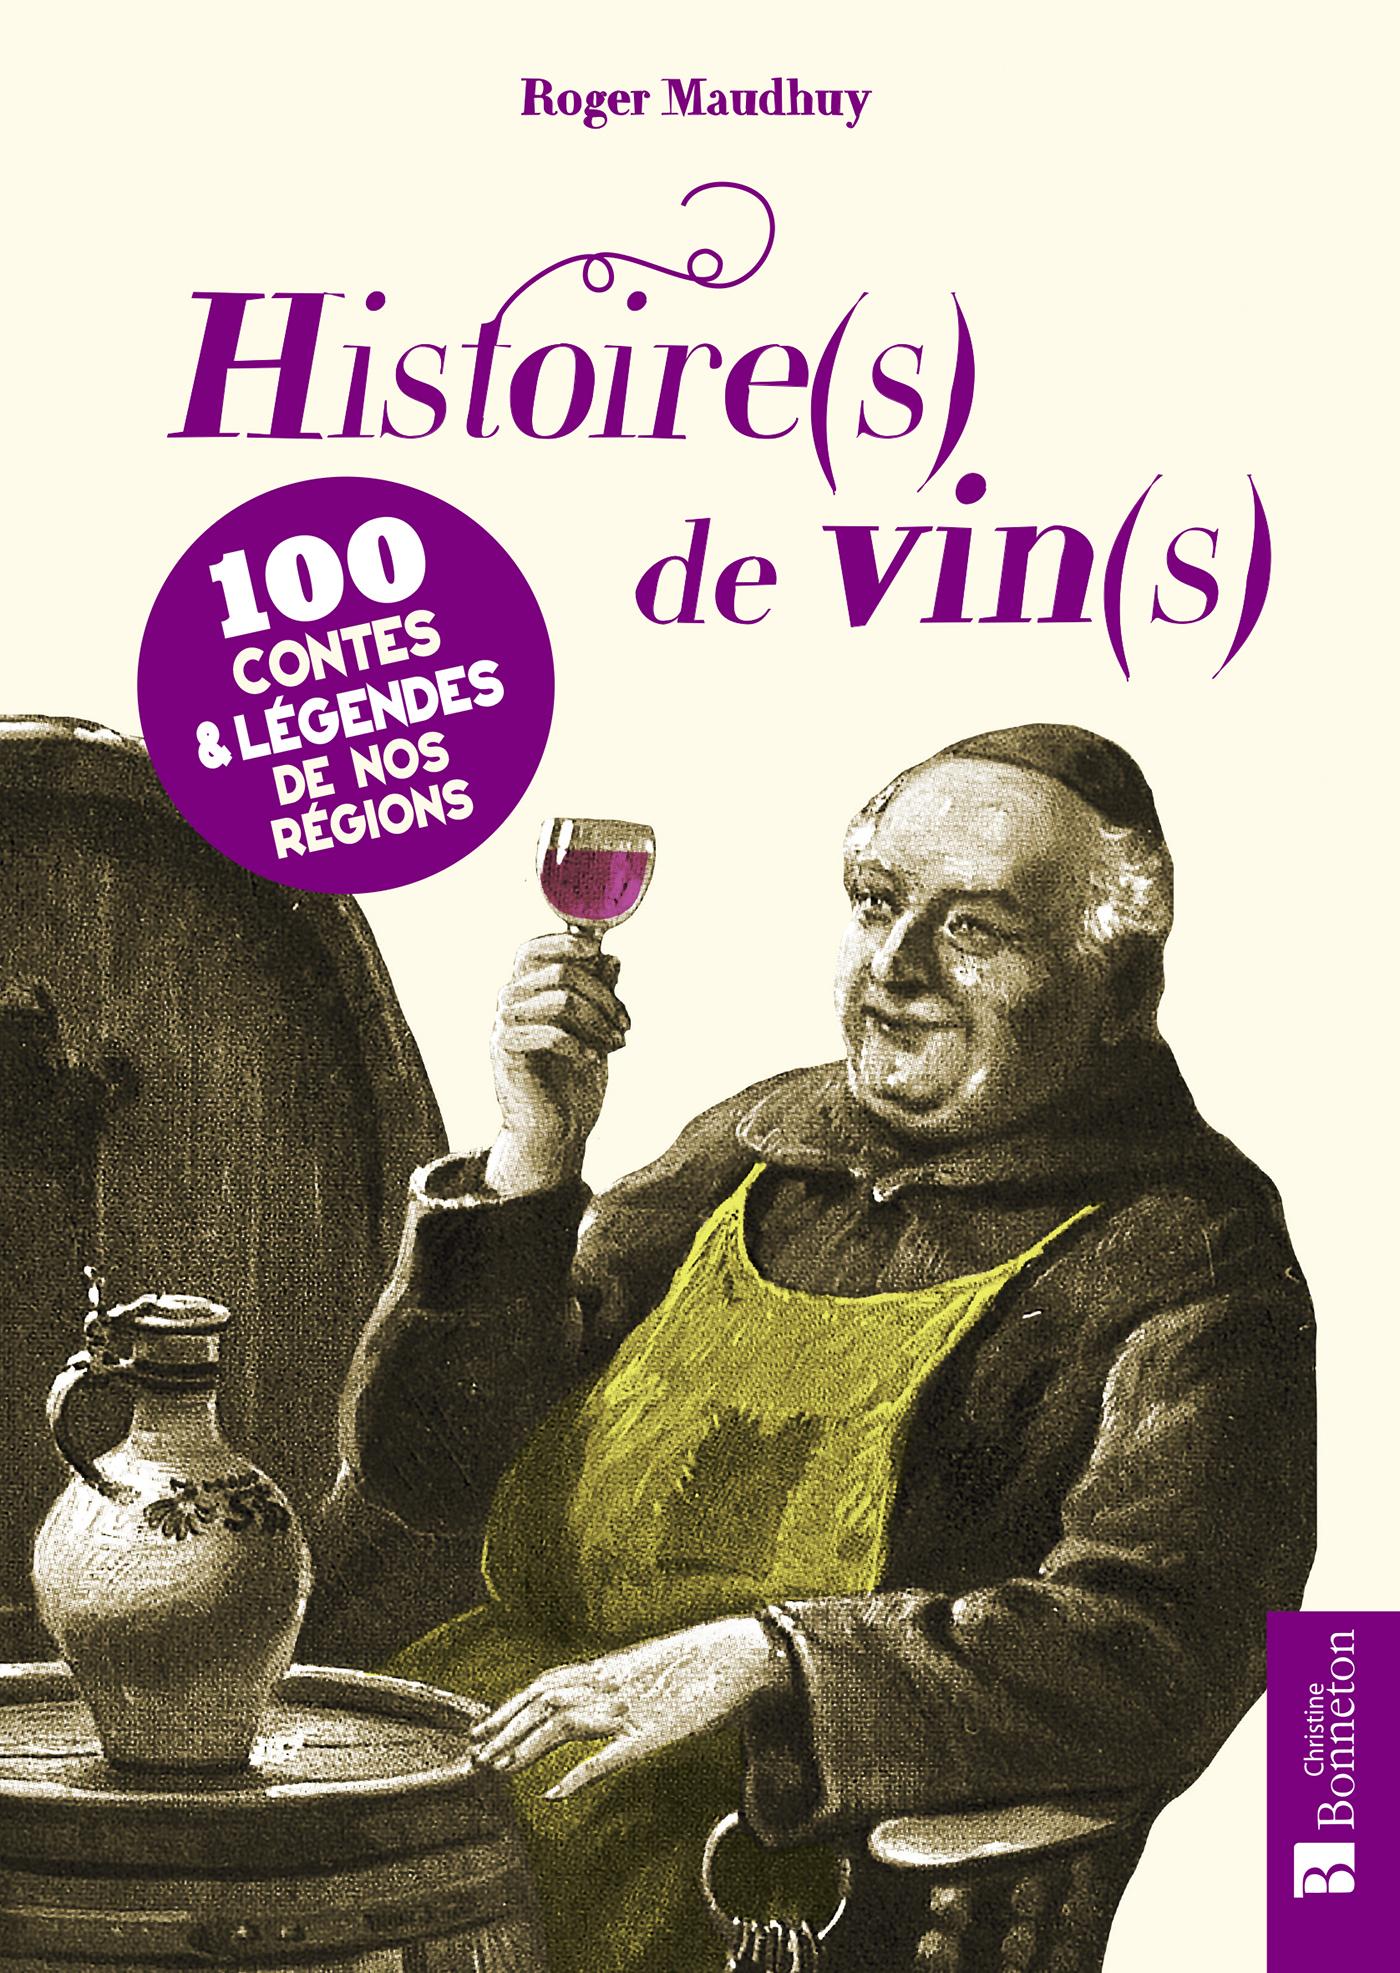 HISTOIRE(S) DE VIN(S) - 100 CONTES & LEGENDES DE NOS REGIONS